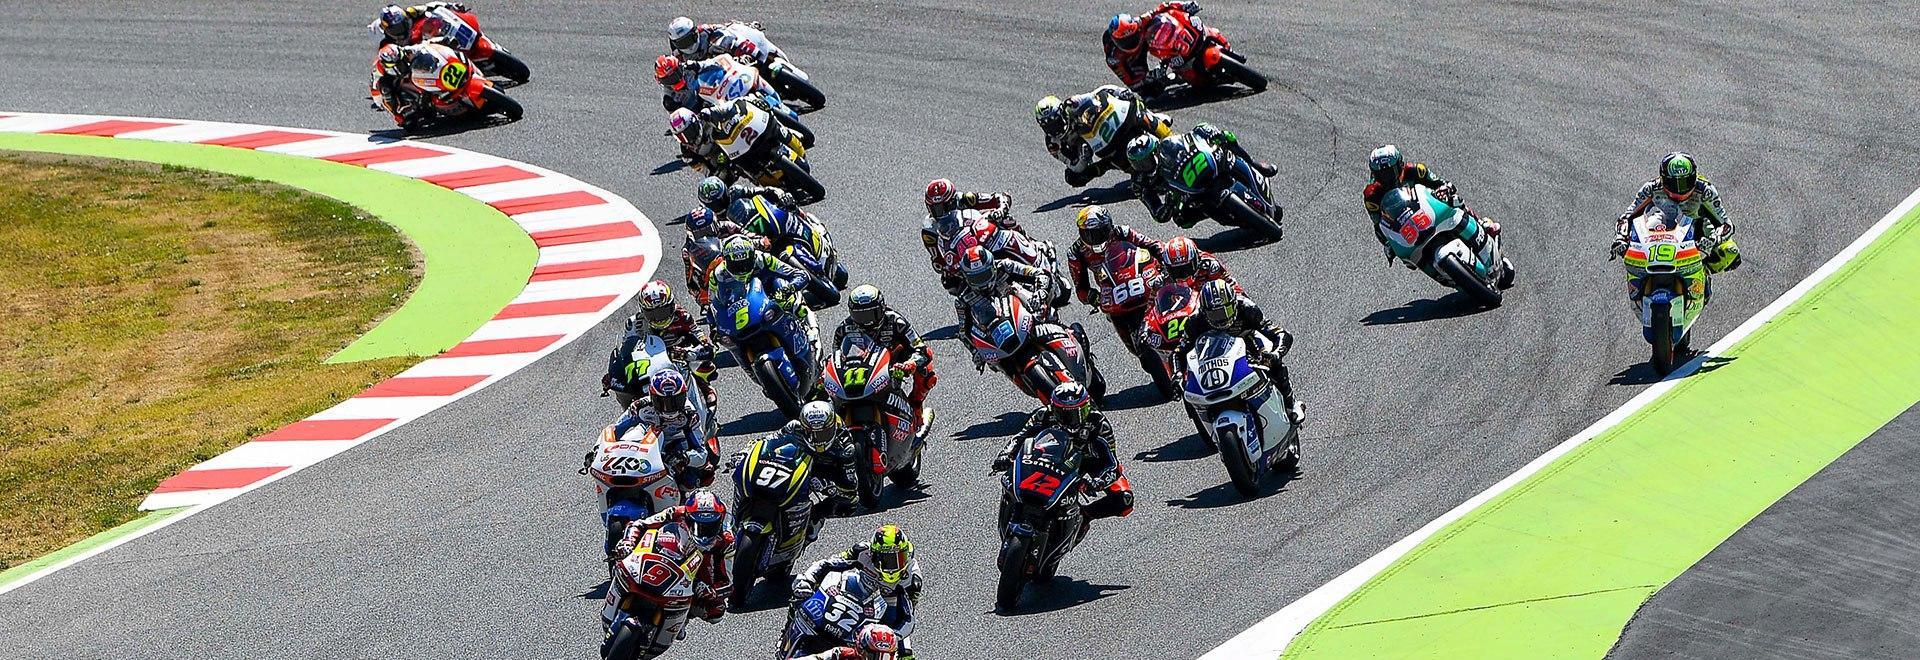 GP Aragona: Moto2. Gara 2